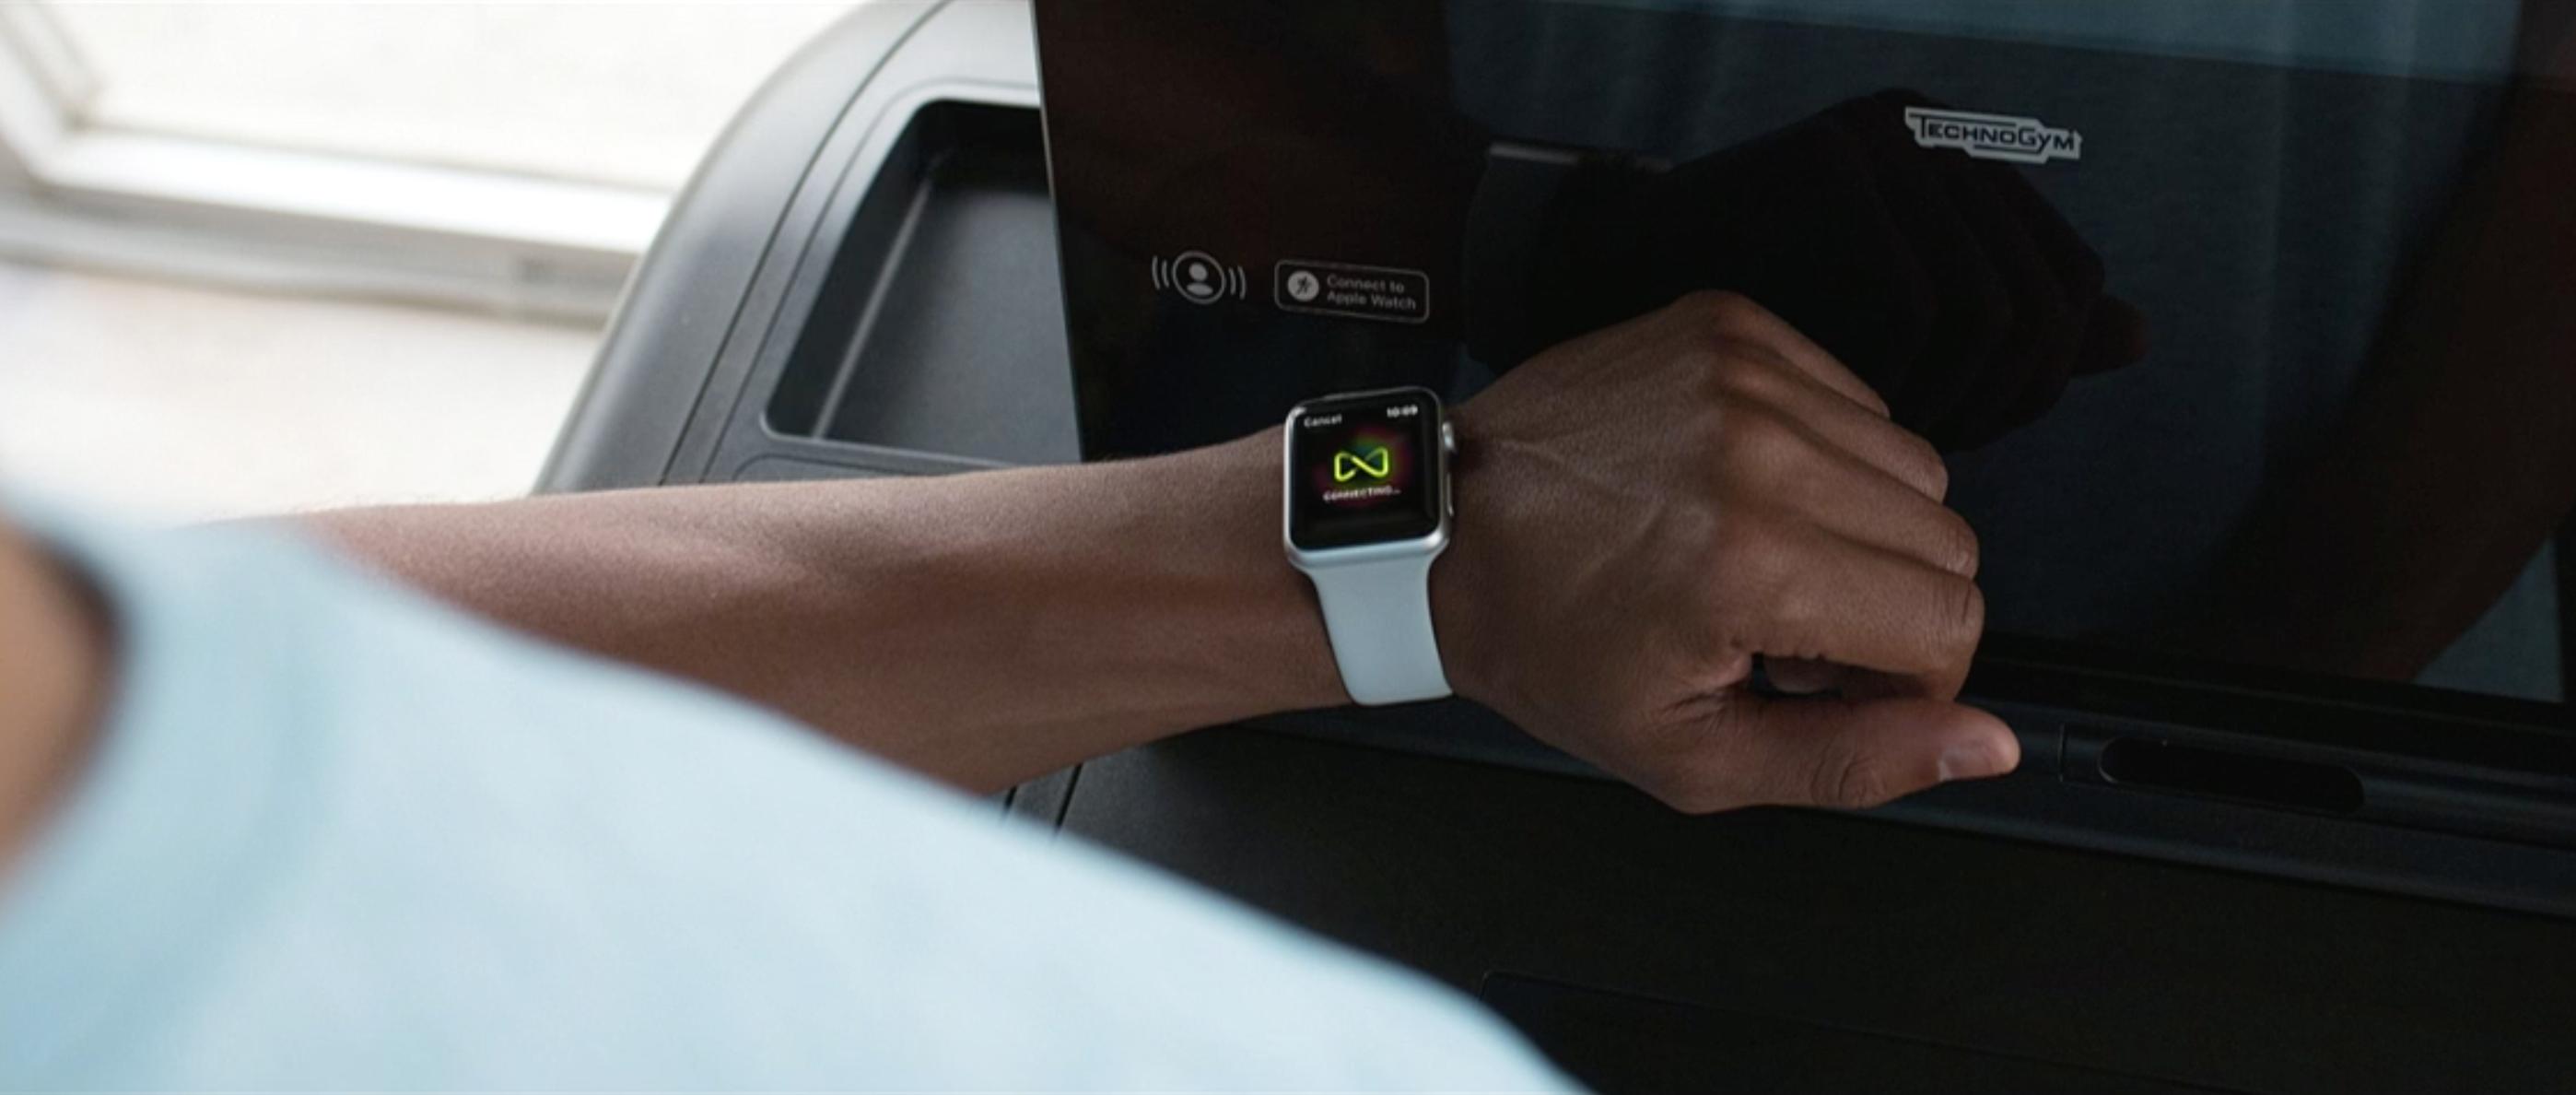 Via NFC kan du koble klokka til 80 prosent av utstyret på treningssenteret, ifølge Lynch. Bilde: Skjermdump/Apple